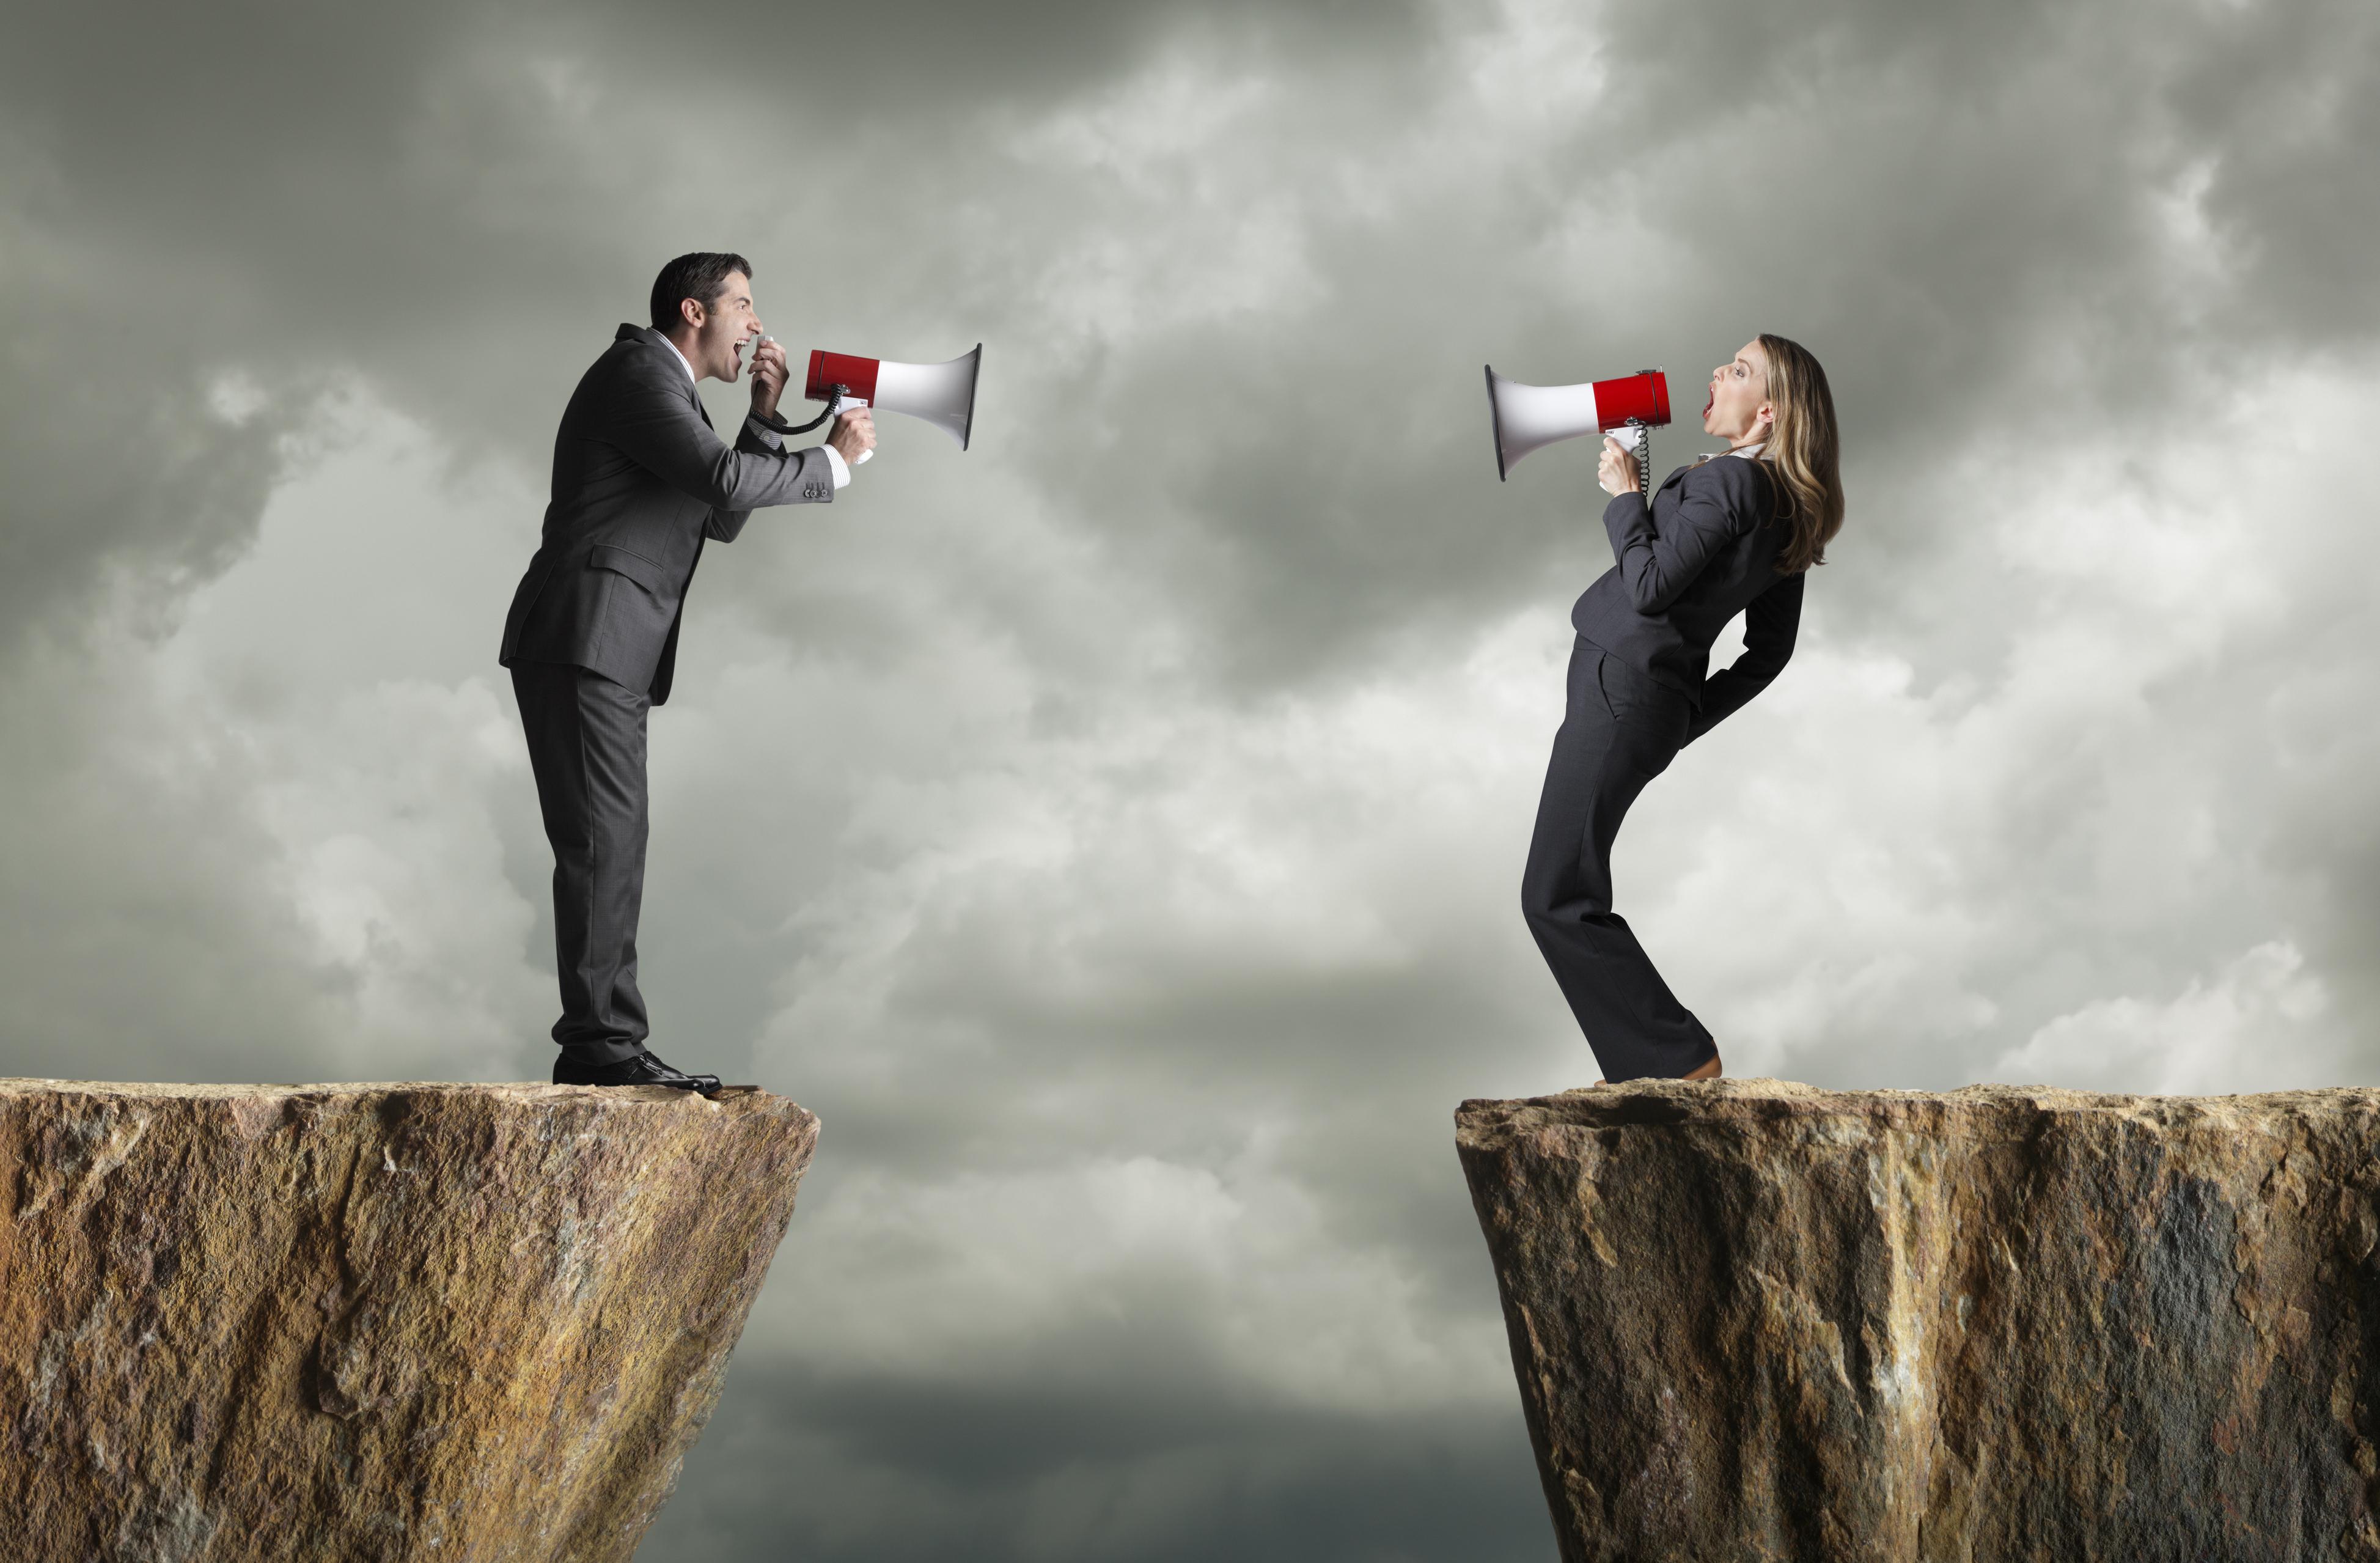 Dejting konversation ämnen relationer personlig